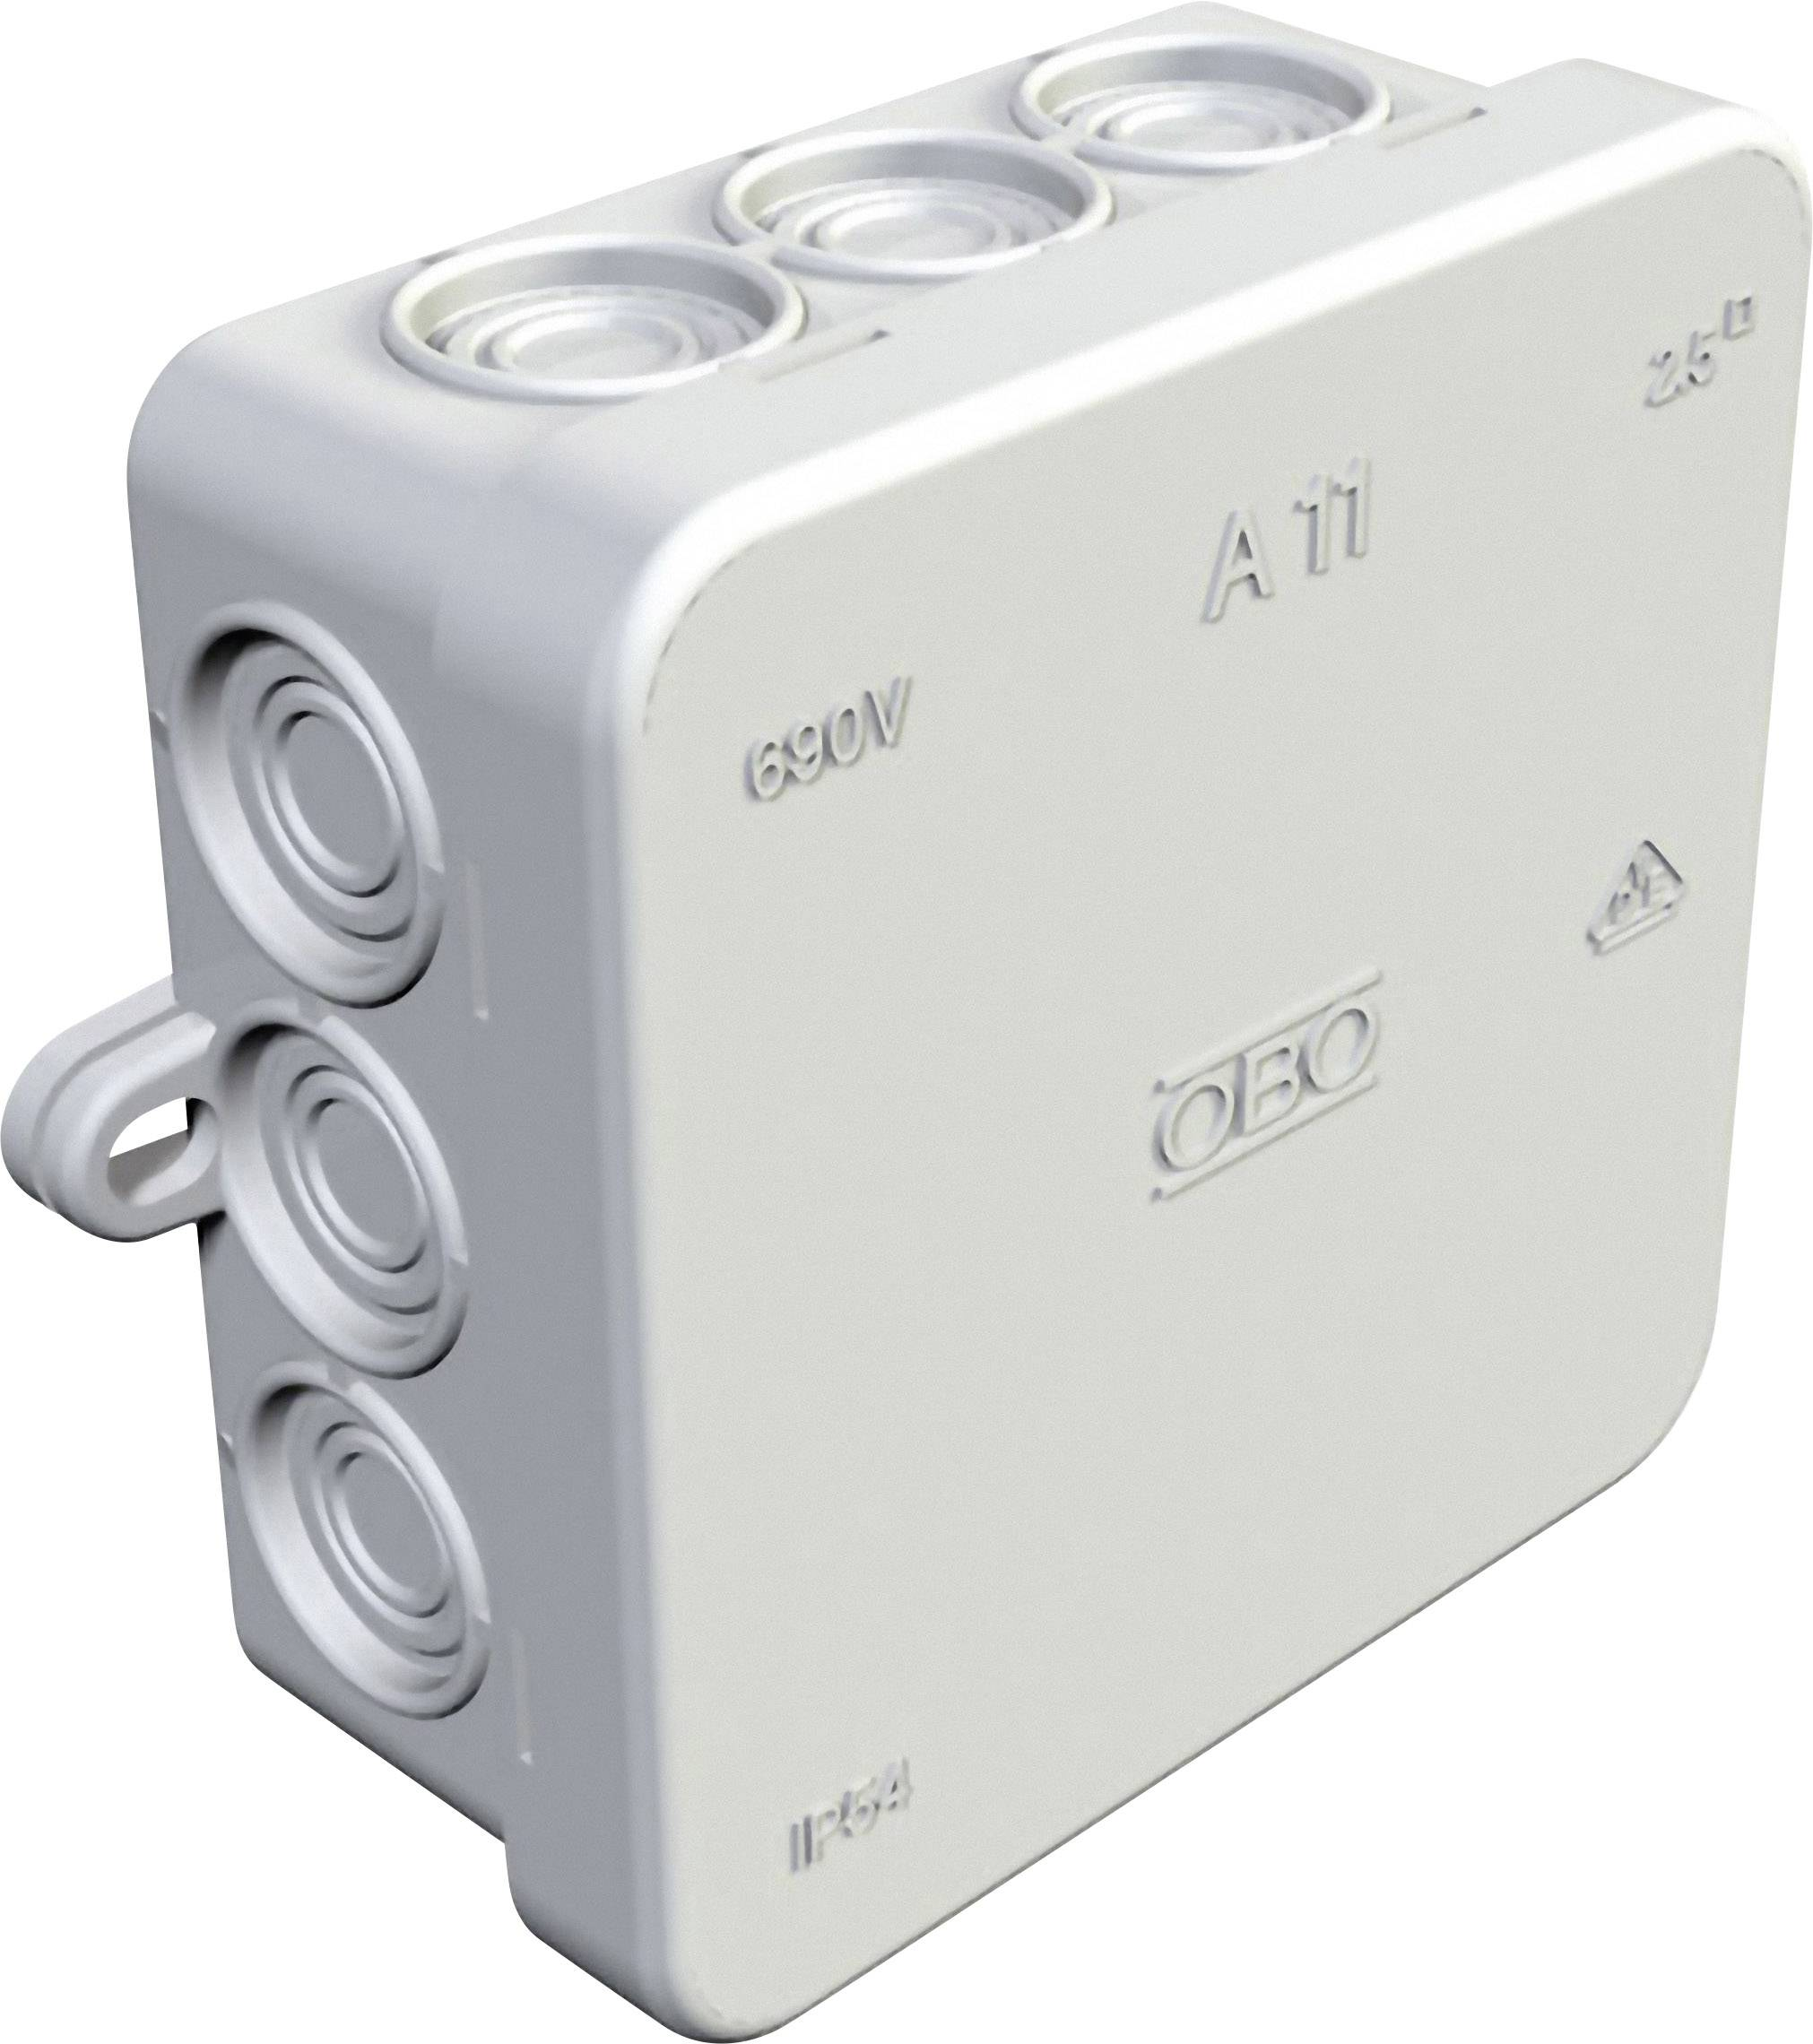 Inštalačná rozbočovacia krabička 347114008, (d x š x v) 85 x 85 x 40.5 mm, IP54, svetlo sivá